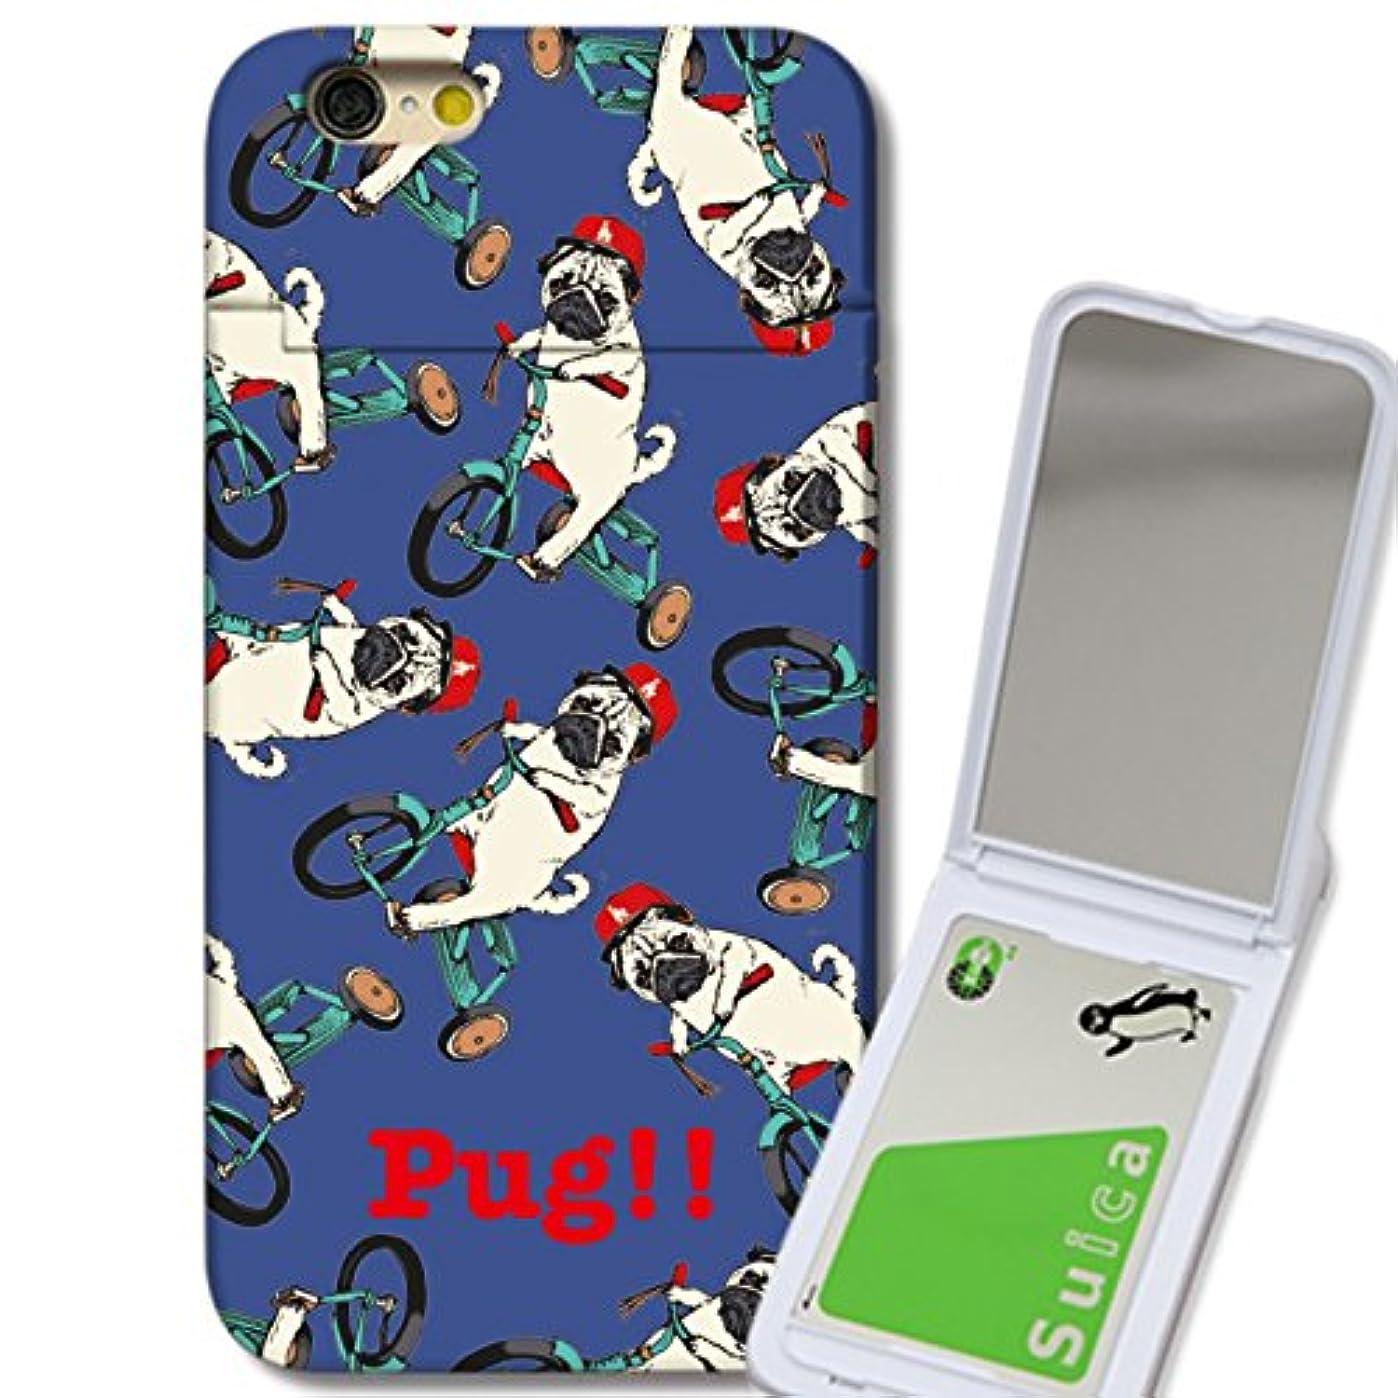 インタネットを見るそよ風フリースchatte noir iPhone8 ケース iPhone8 ケース ミラーケース 鏡付き ミラー付き カード収納 おしゃれ PUG!! パグ ぶさかわいい 犬 NAVY ネイビー